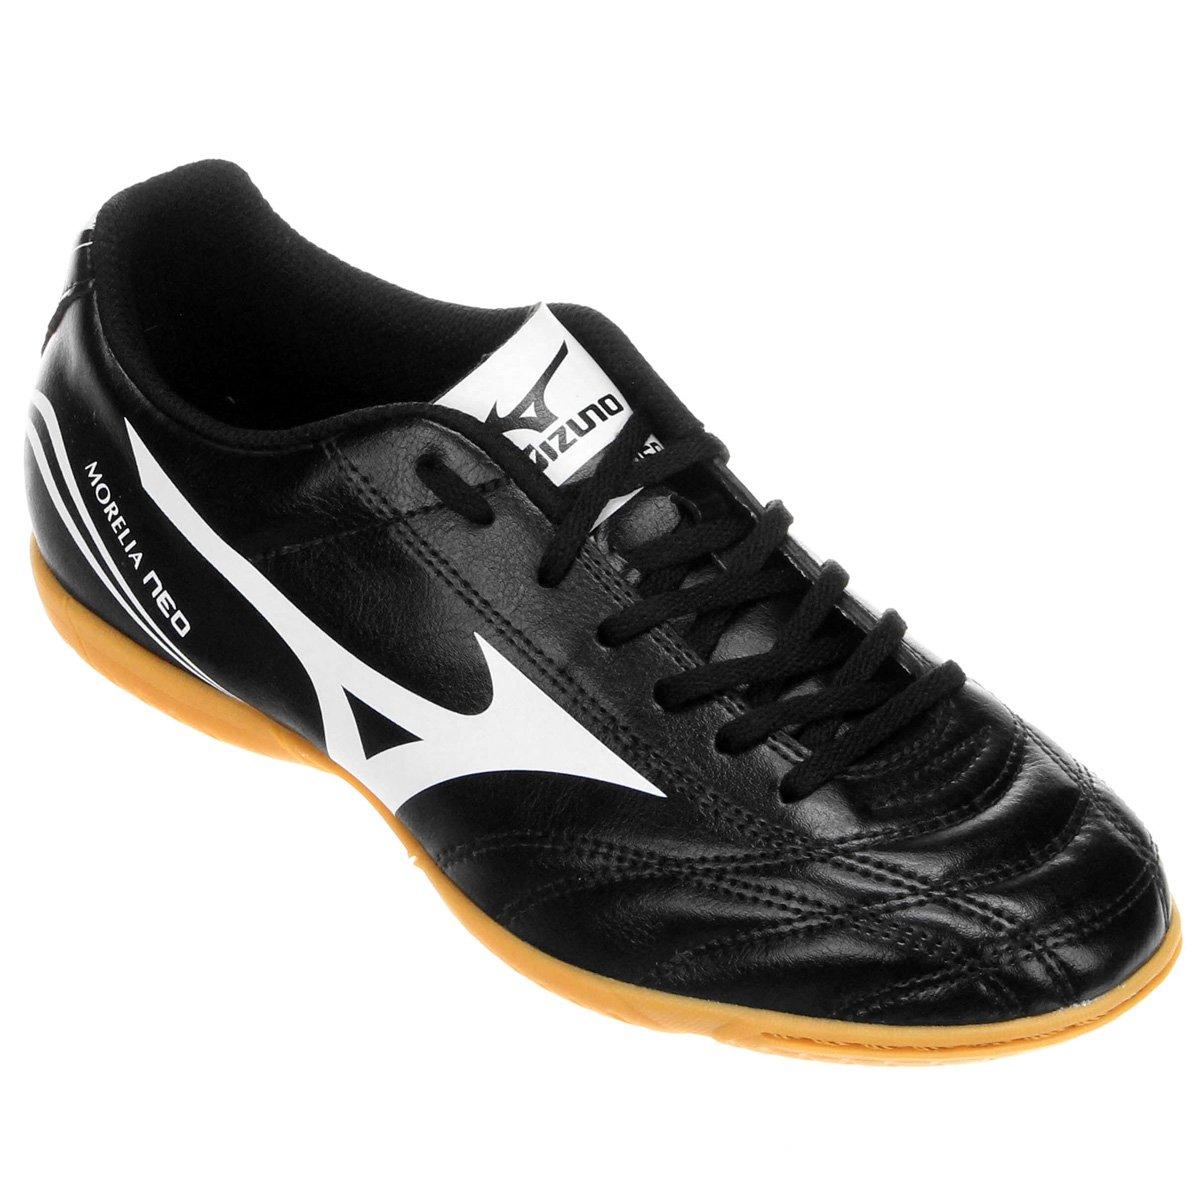 22c5b4d8beb40 Chuteira Futsal Mizuno Morelia Neo Club IN - Preto e Branco - Compre Agora